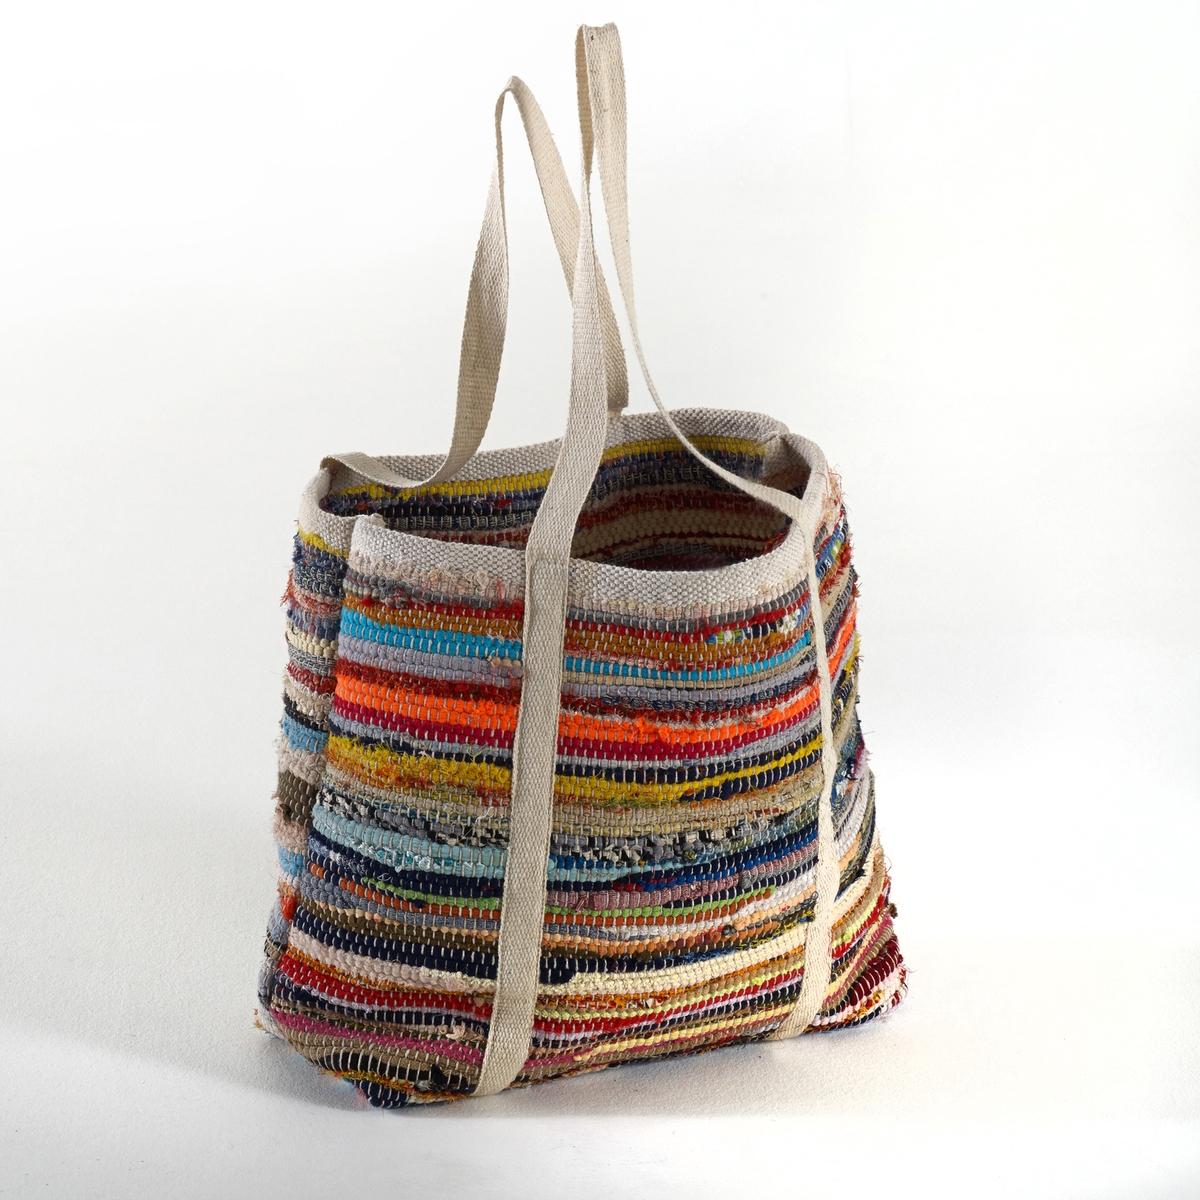 Сумка из вторичного хлопка KopaxiСостоящая в основном из переработанного хлопка сумка Kopaxi пленит вас своими разноцветными полосками, которые добавят яркий штрих в ваш интерьер и поднимут настроение во время прогулок.Состав сумки Kopaxi: 90% хлопка, 10% других волокон.Каждая сумка сделана вручную из вторичного материала, уникальность товара объясняет неидентичность цвета разных сумок.Размеры сумки Kopaxi :35 x 35 x 40 см.<br><br>Цвет: разноцветный